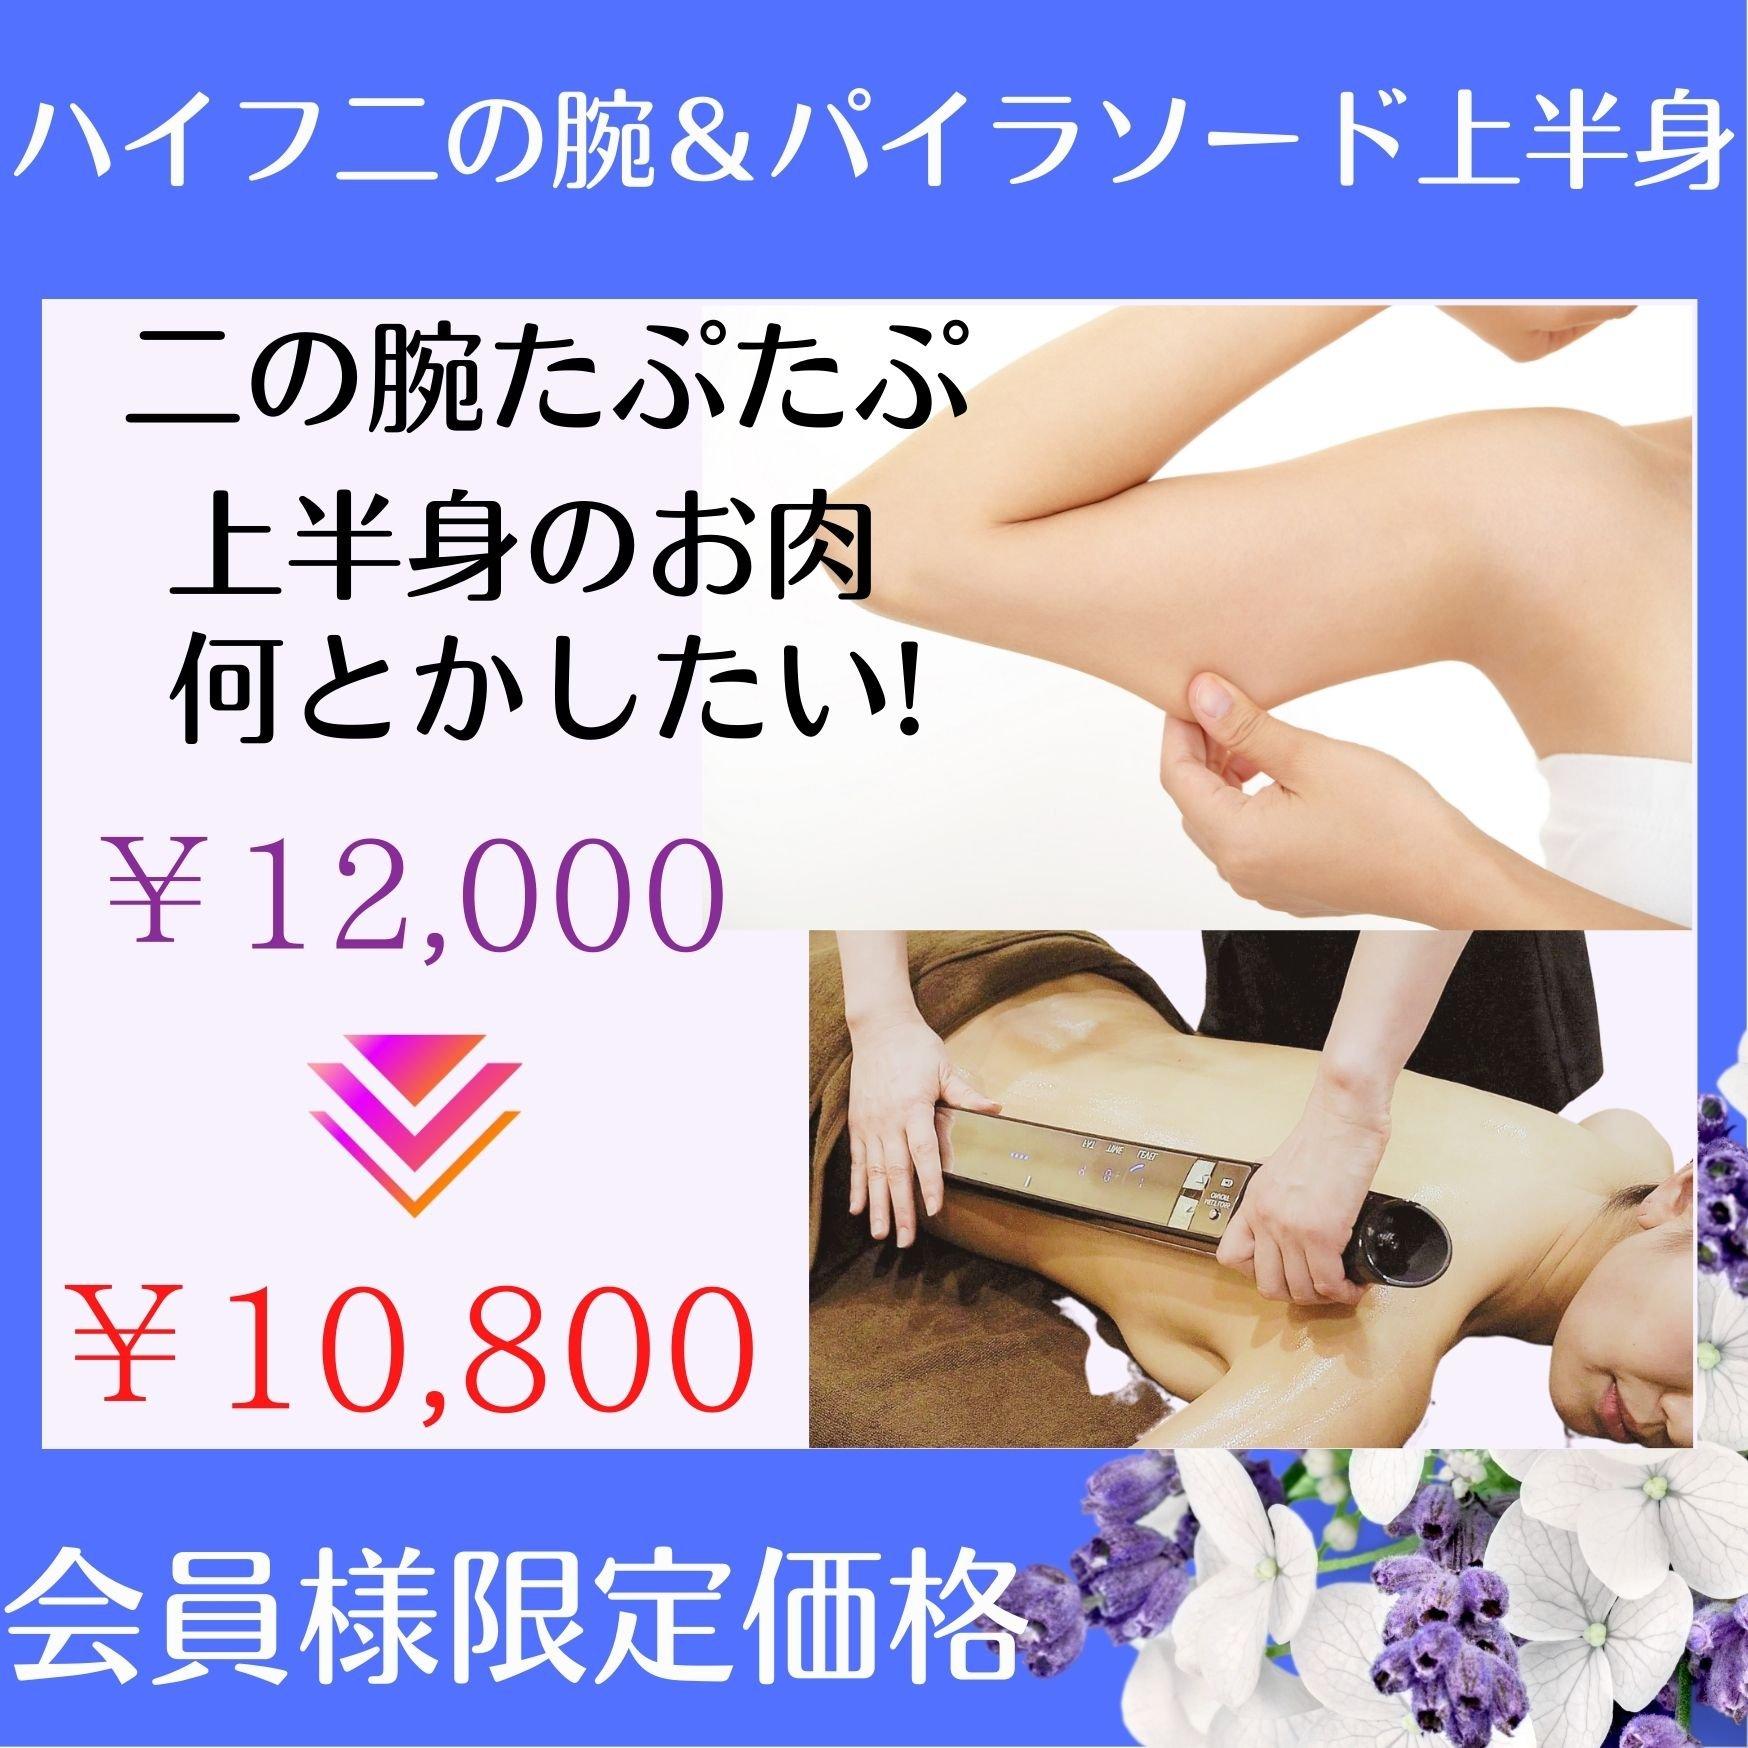 【会員様限定¥10800】3Dハイフ二の腕×パイラソード上半身ダイエットのイメージその1